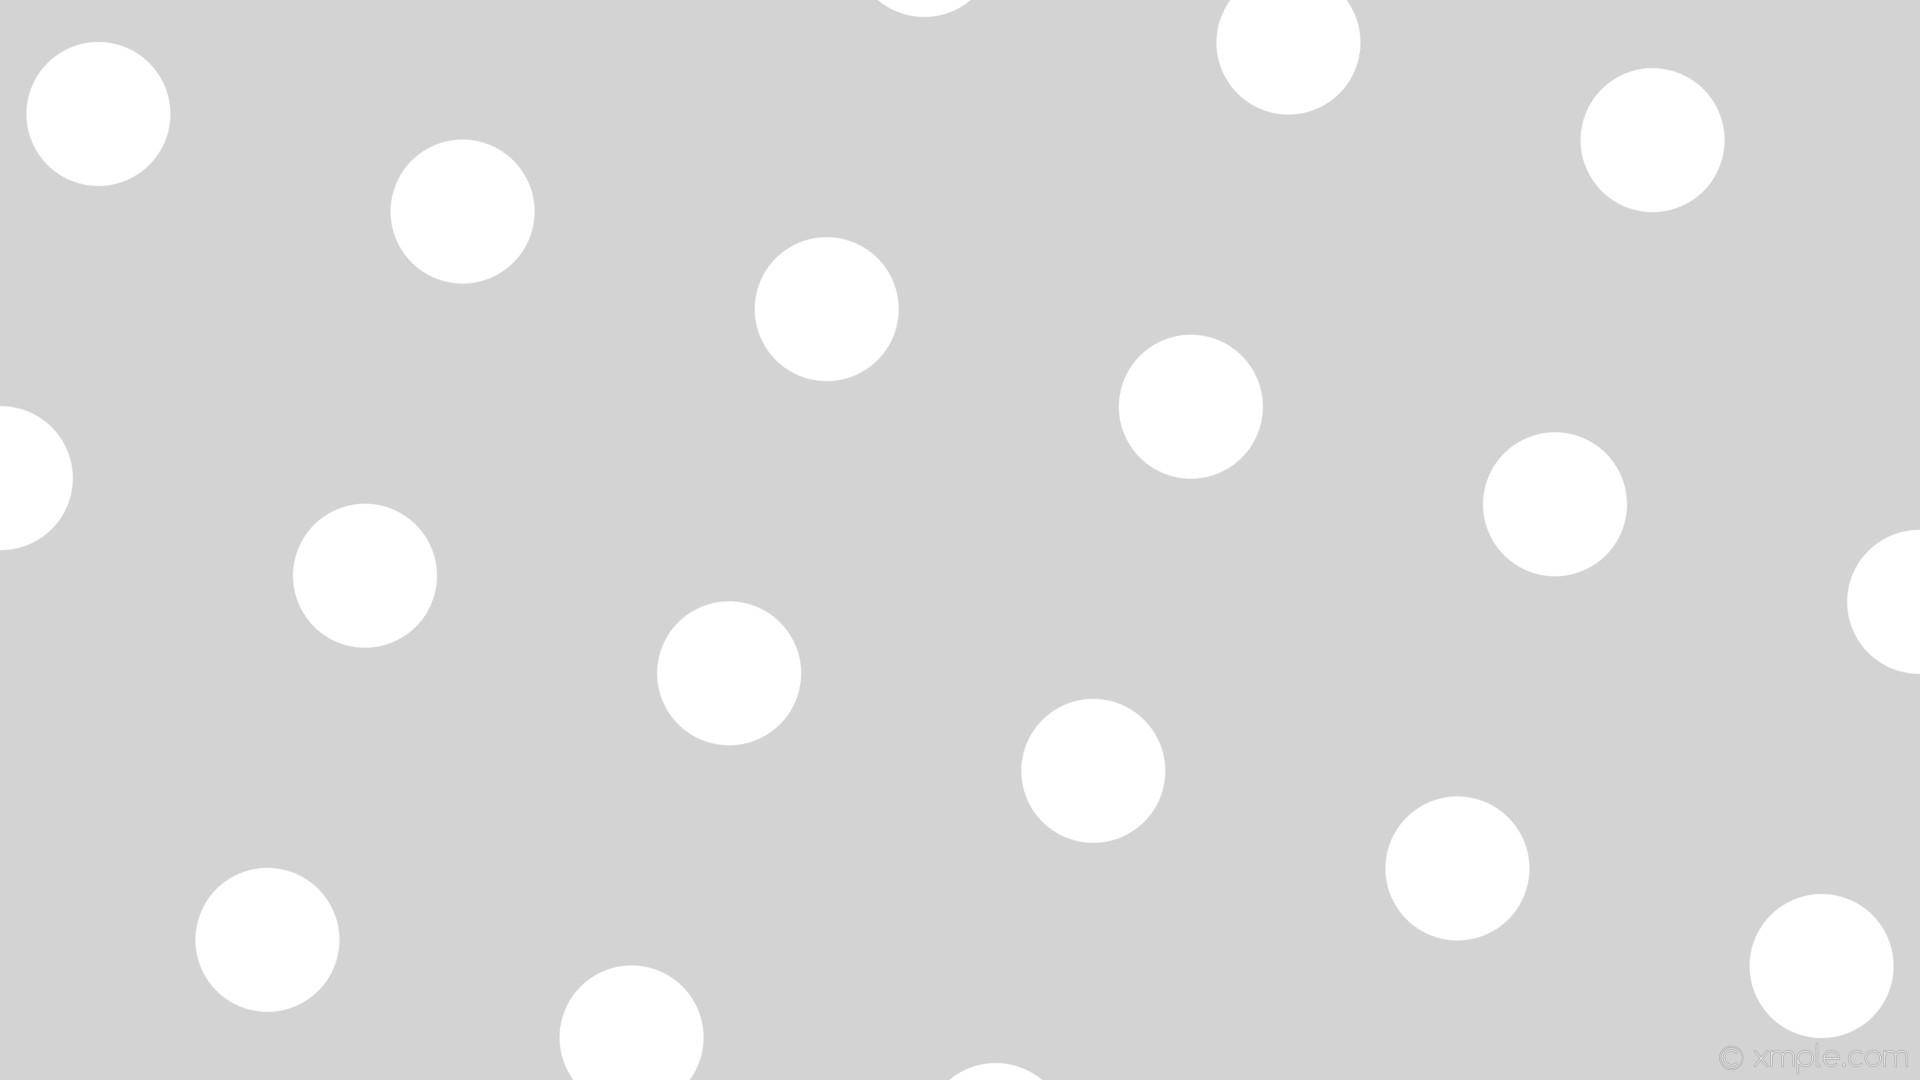 wallpaper grey spots white polka dots light gray #d3d3d3 #ffffff 165° 144px  377px